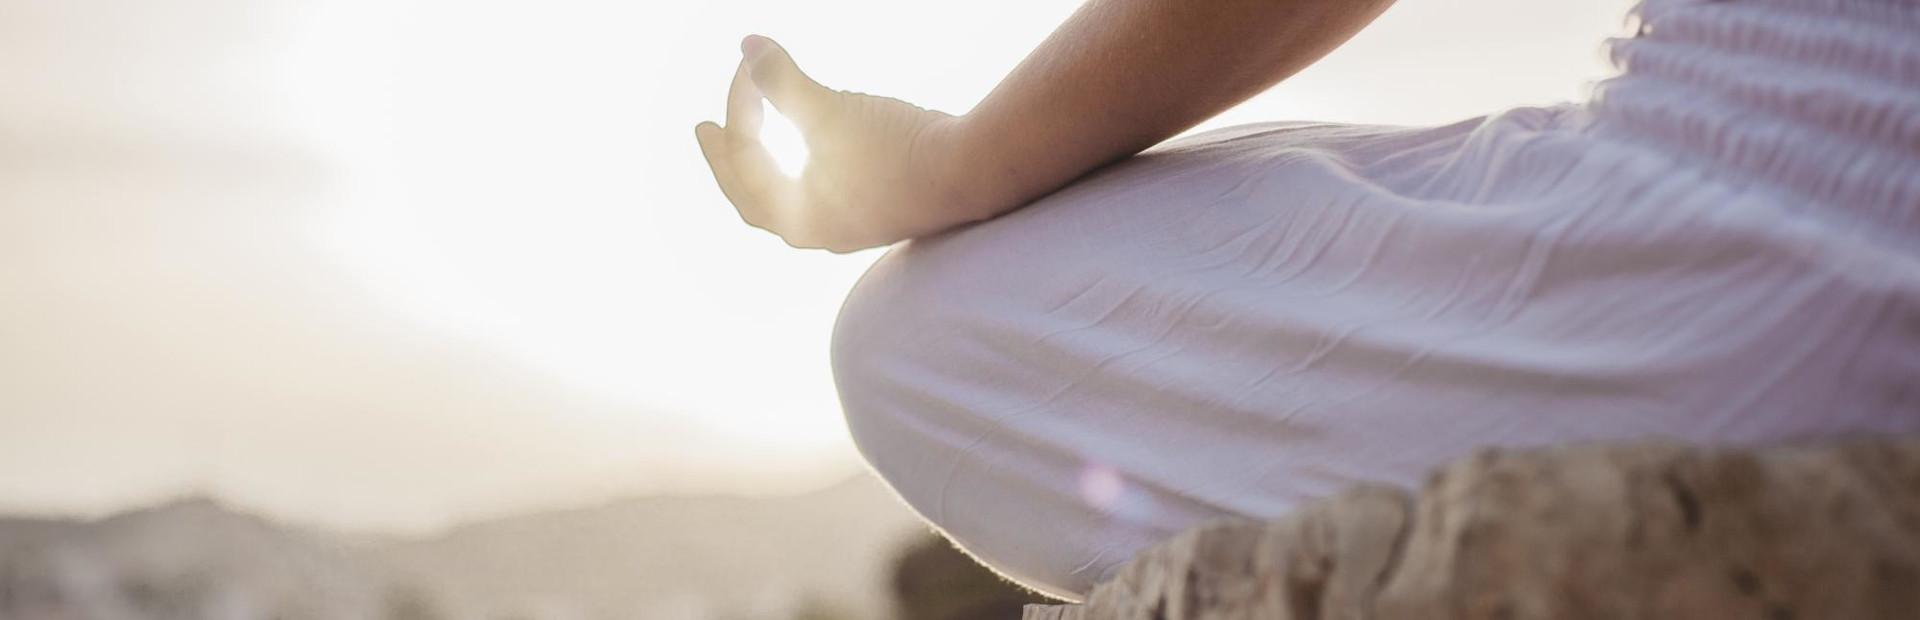 ॐ Un voyage au cœur de soi ॐ Soleil2vie